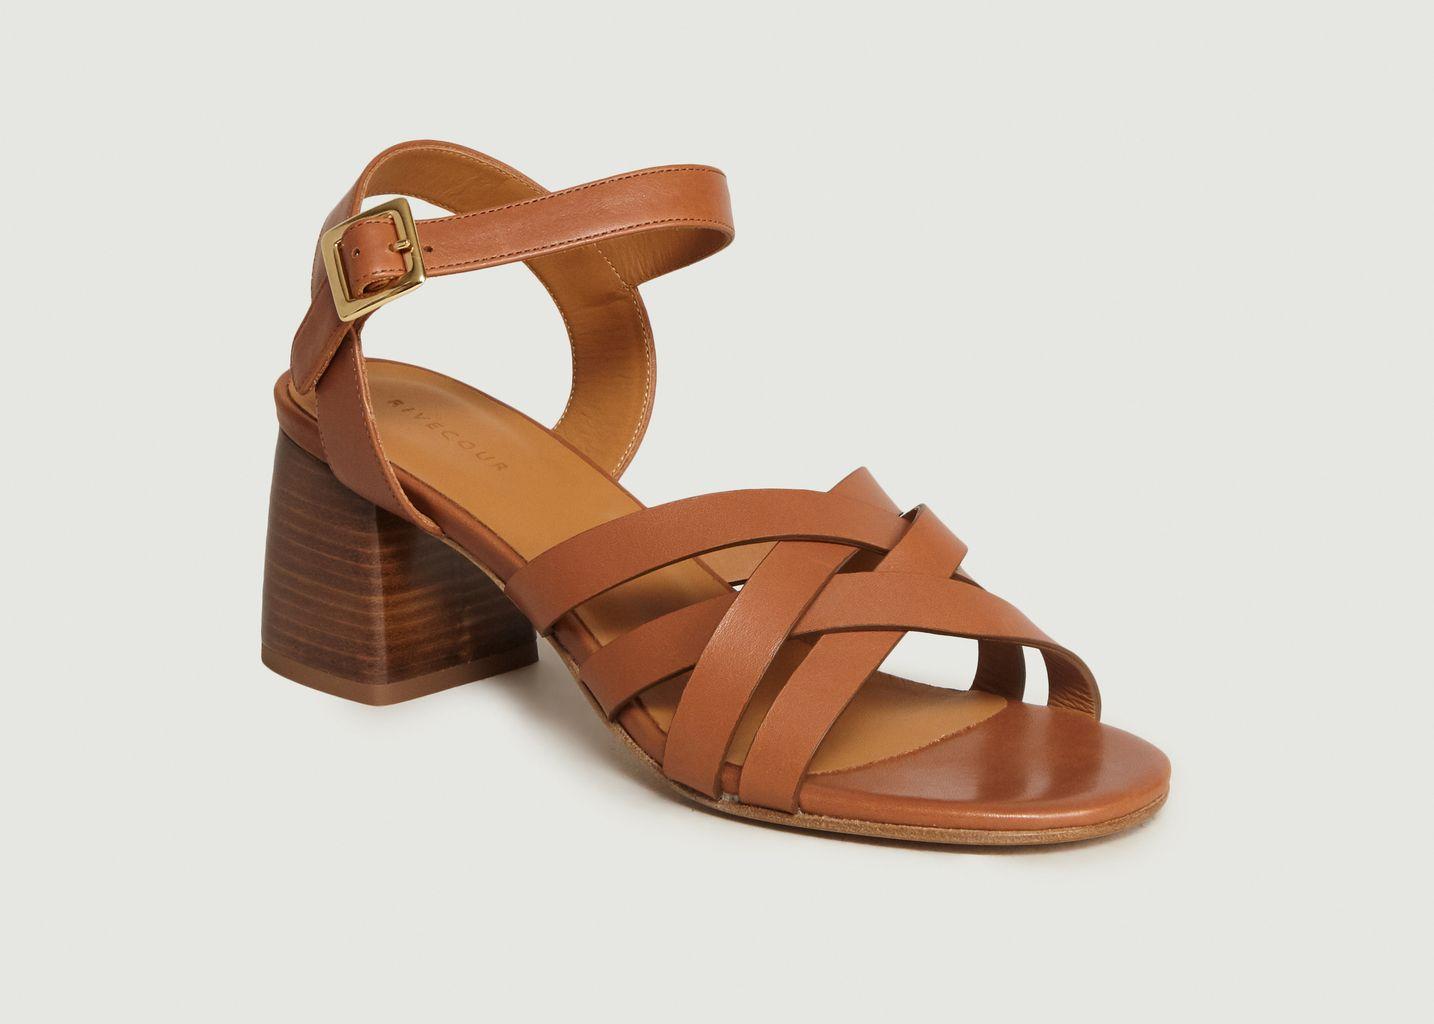 Sandales N°888 - Rivecour